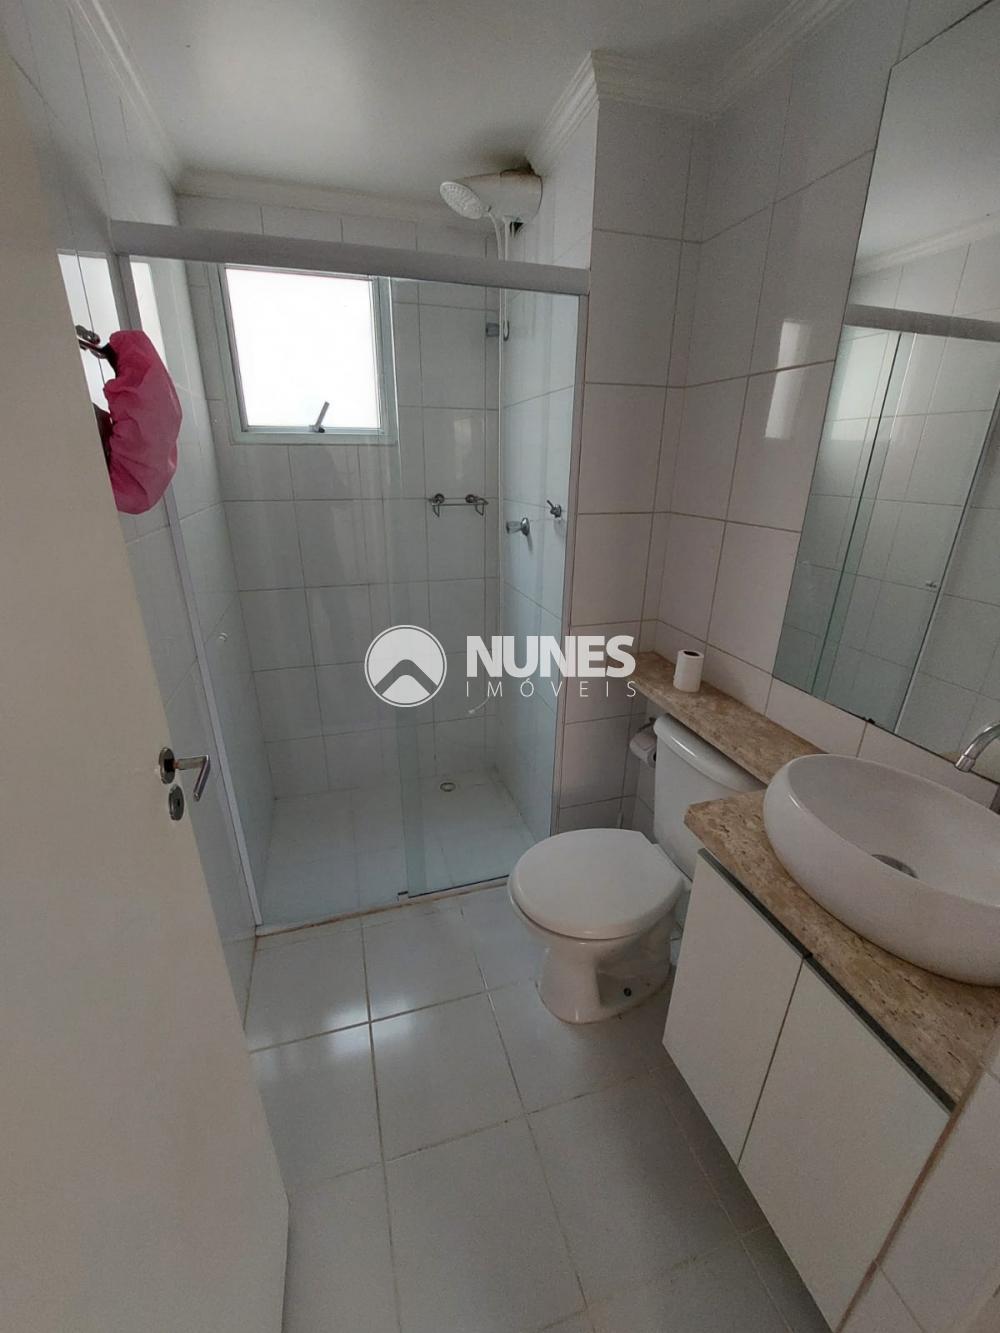 Comprar Apartamento / Padrão em Osasco R$ 189.000,00 - Foto 13